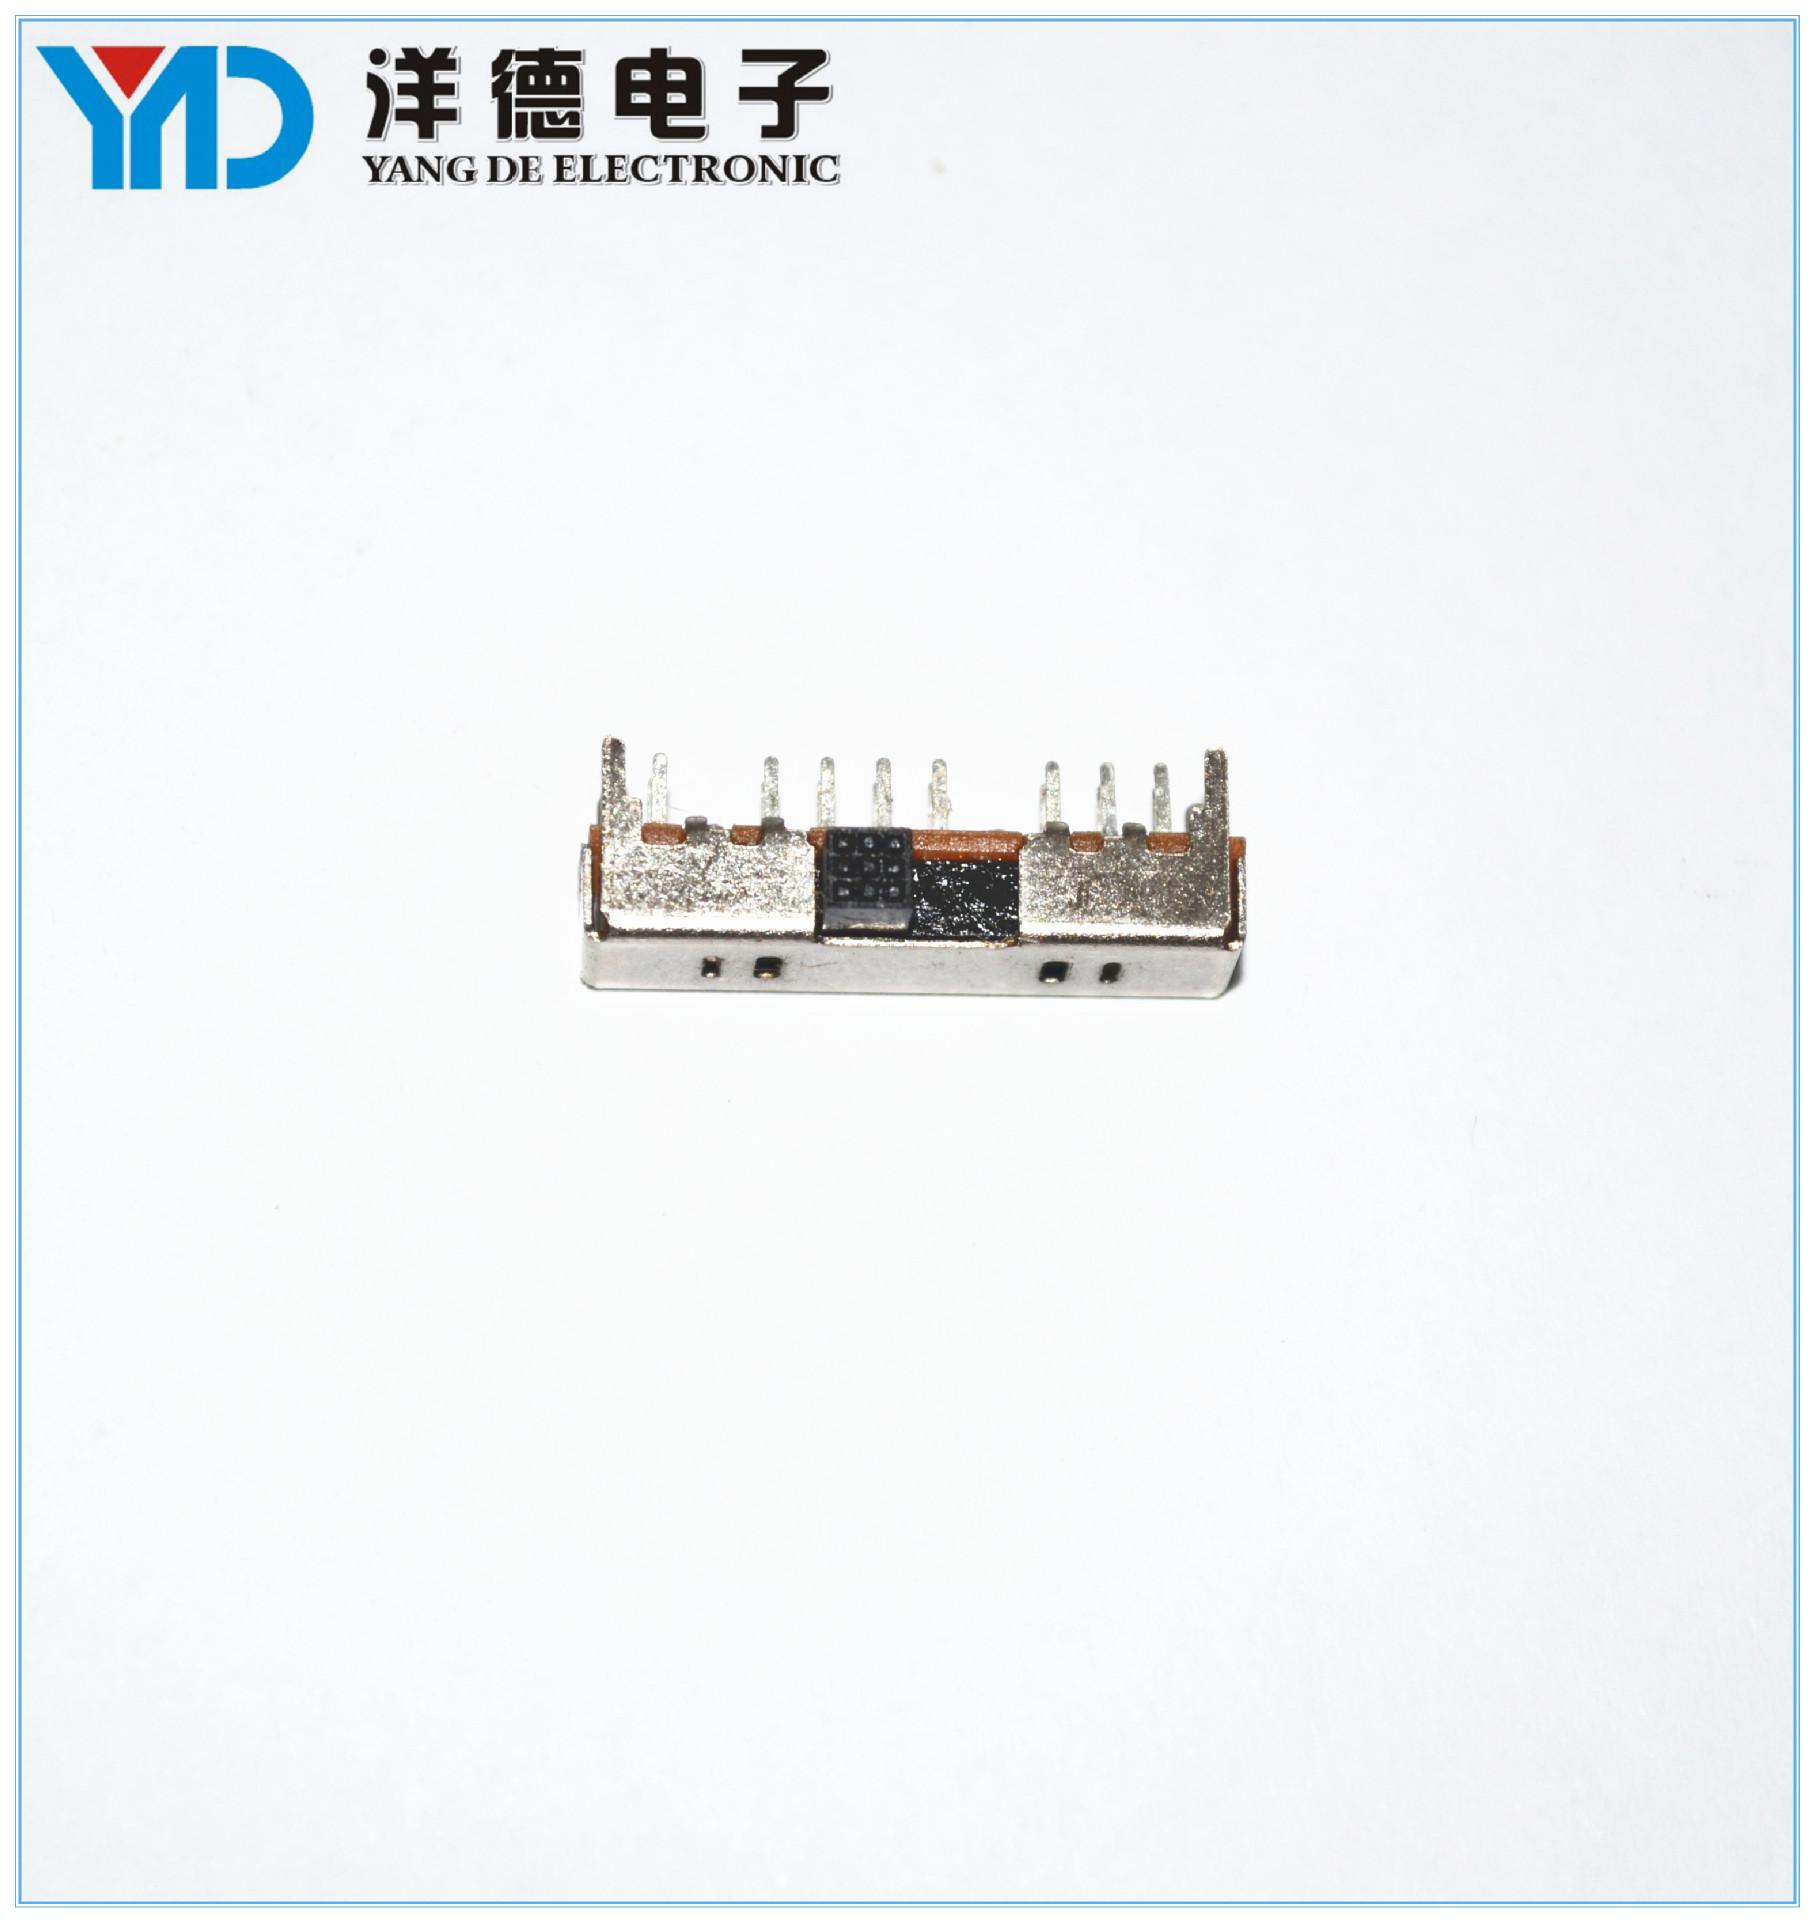 长期供应SS13D01三档拨动滑动开关 单极三位迷你复位滑动开关